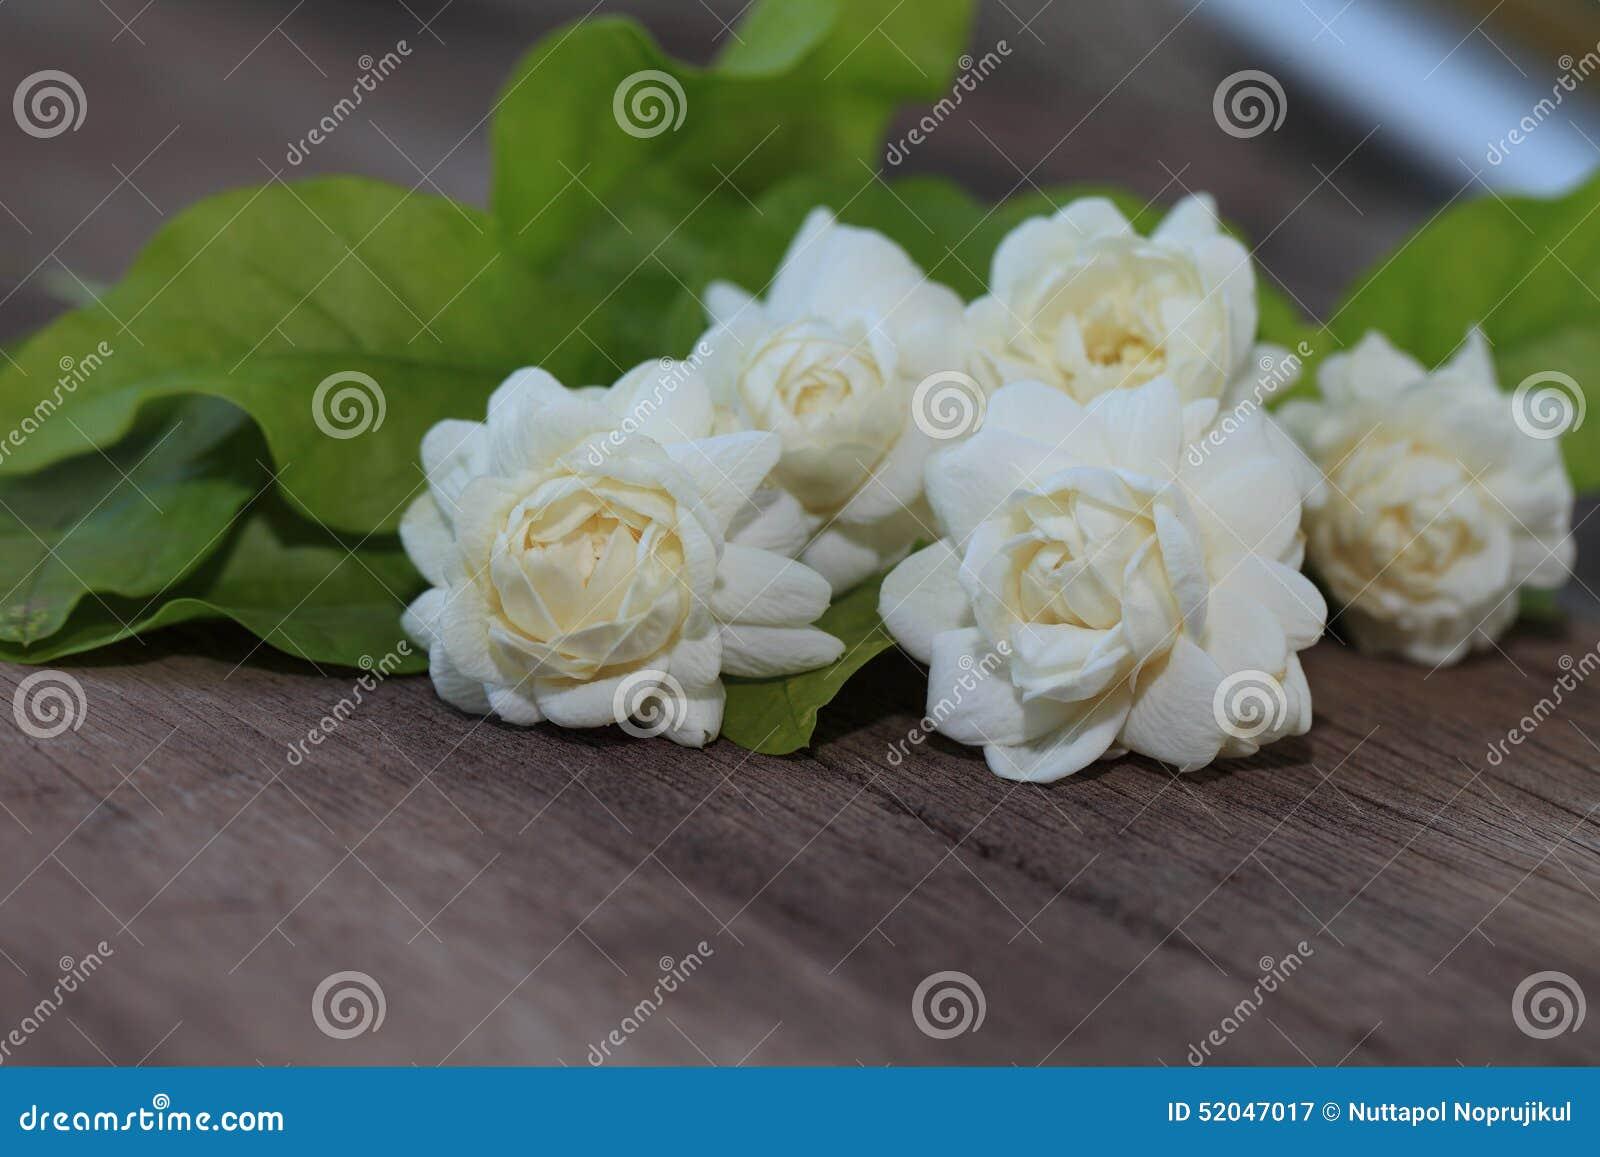 Tropical jasmine flower on wood.Jasmine flowers and leaves on br